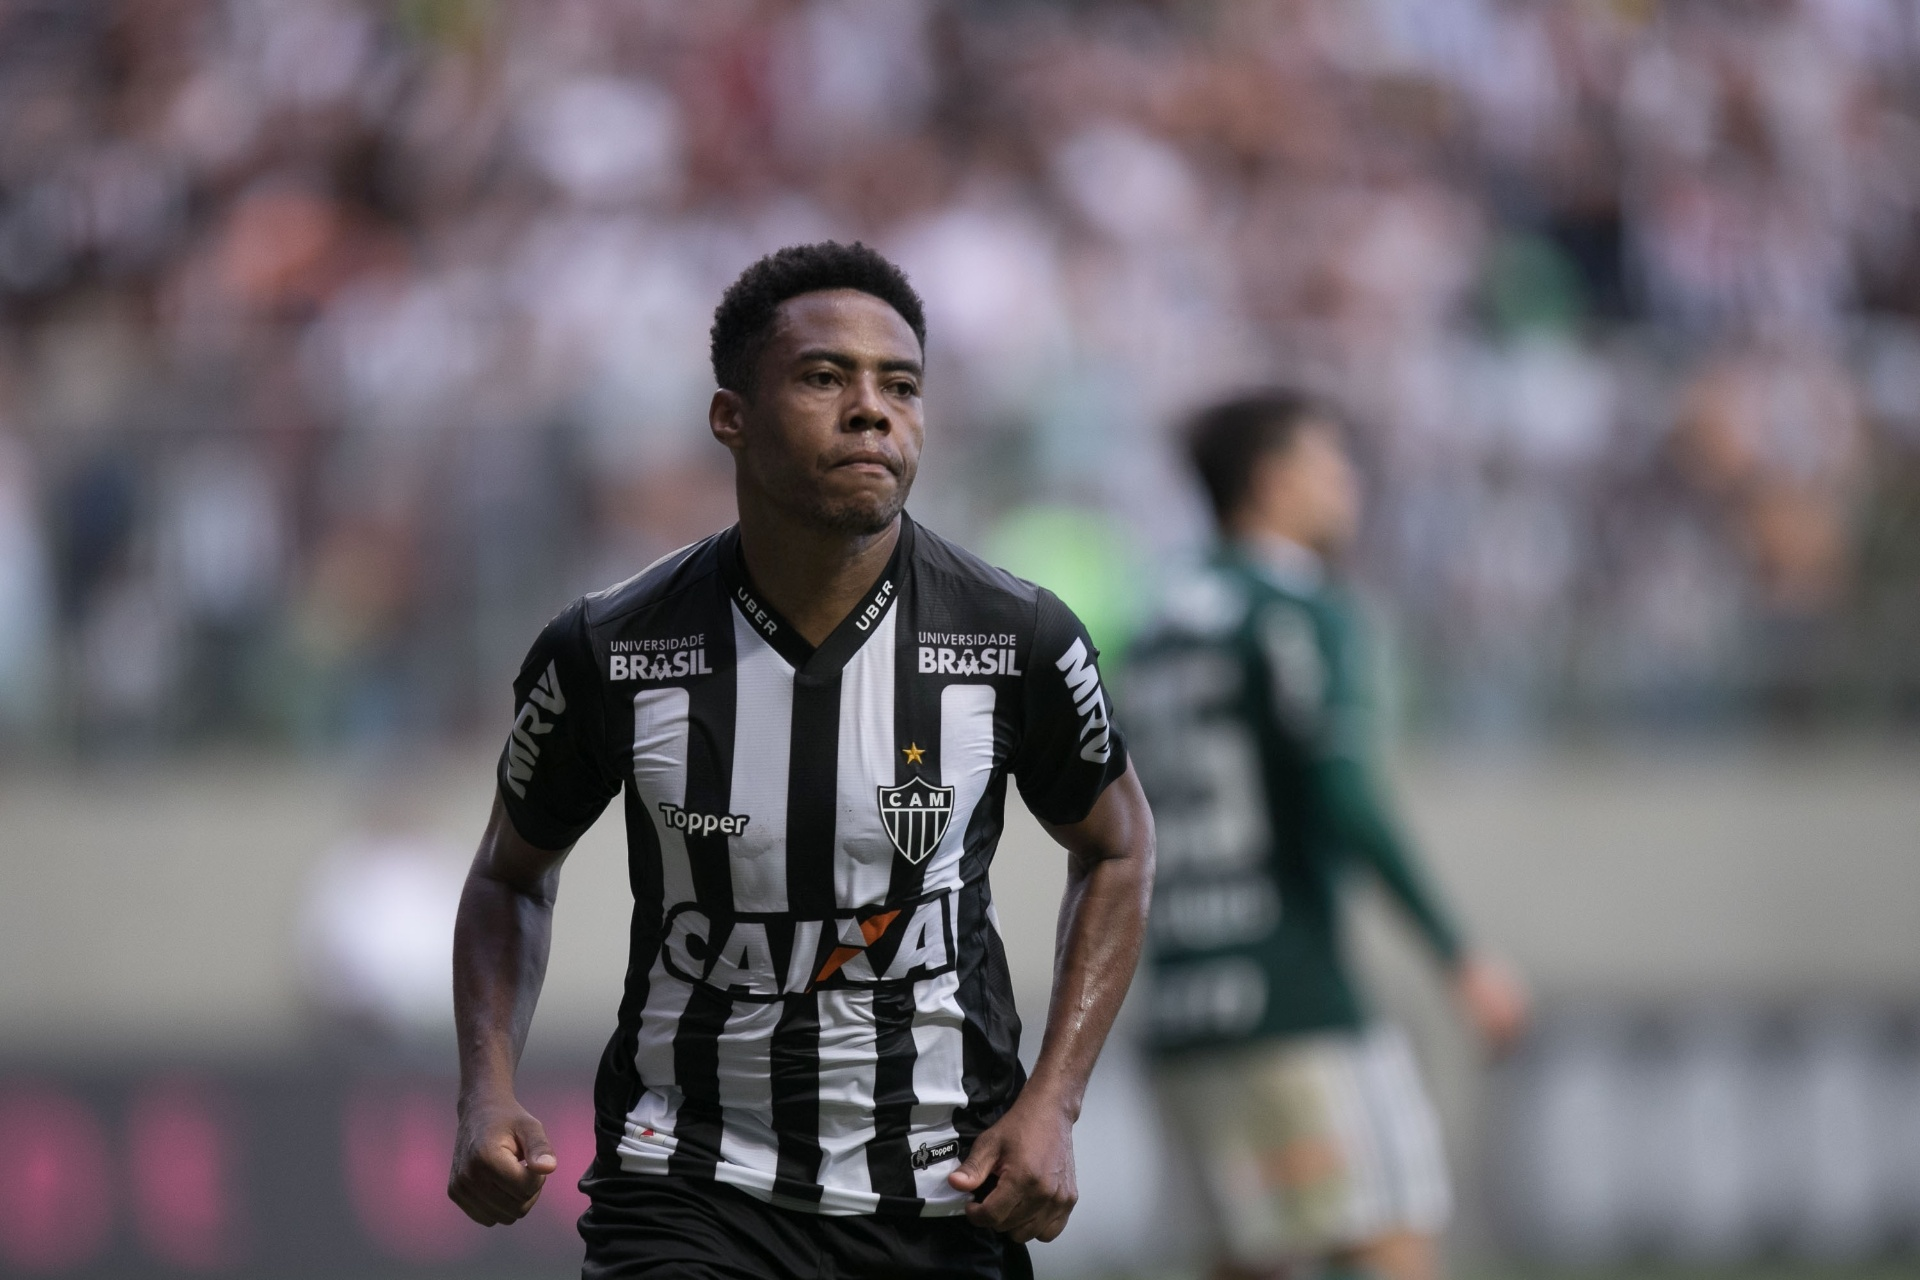 Inter busca mais duas contratações para fechar primeiro ciclo de reforços -  07 01 2019 - UOL Esporte 998330b9a21a1